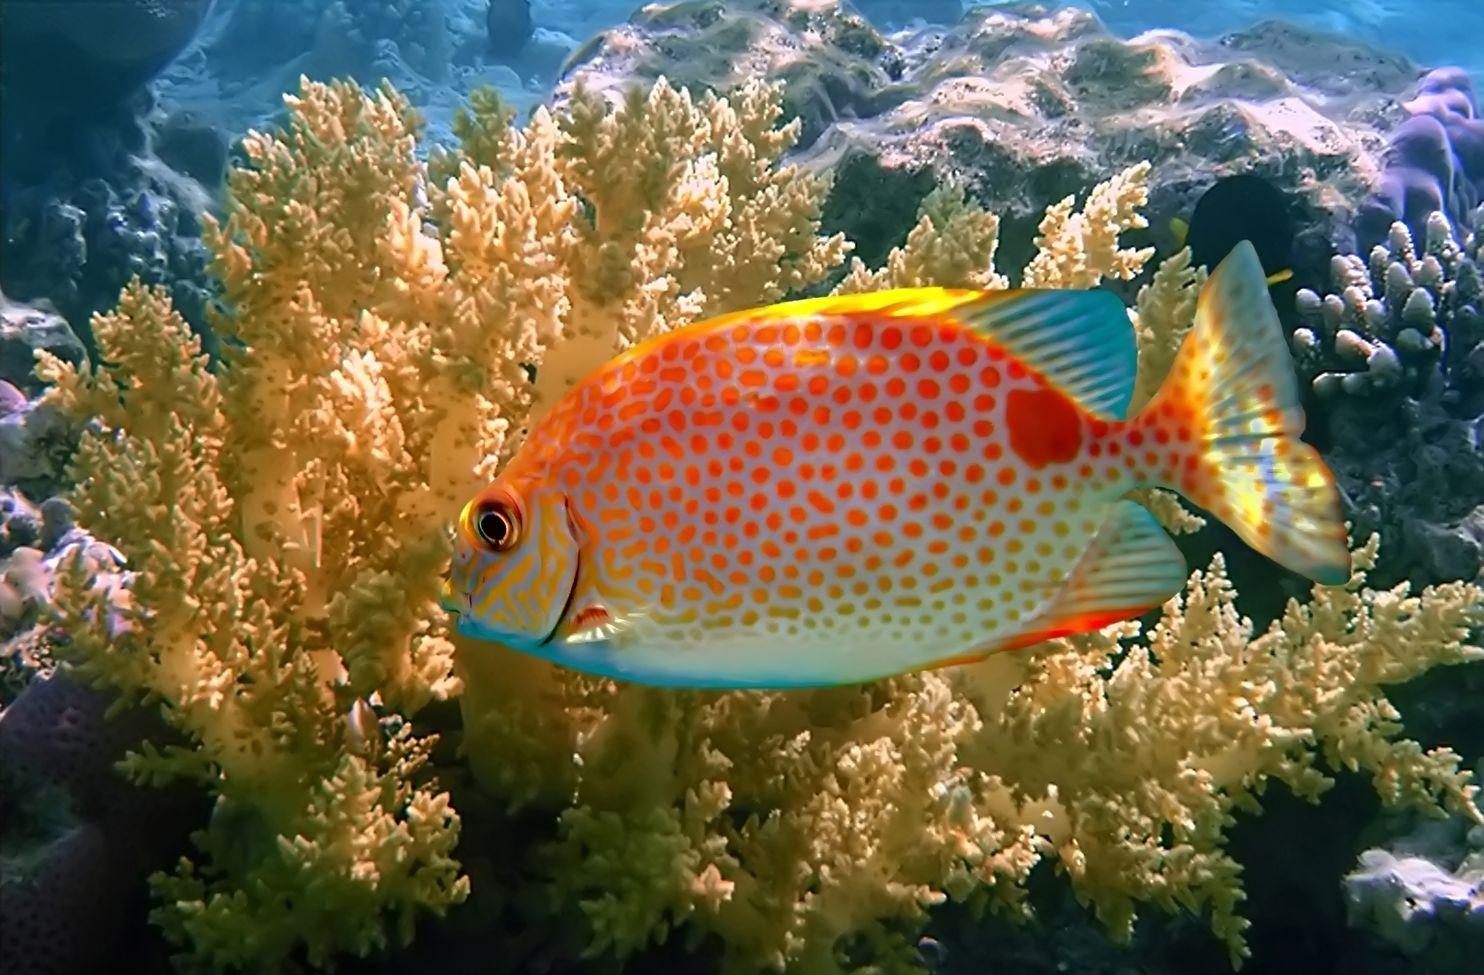 Fotografías Del Fondo Marino Peces De Colores Arrecifes Y Corales En Los Oceanos Peces De Colores Fondo Marino Peces